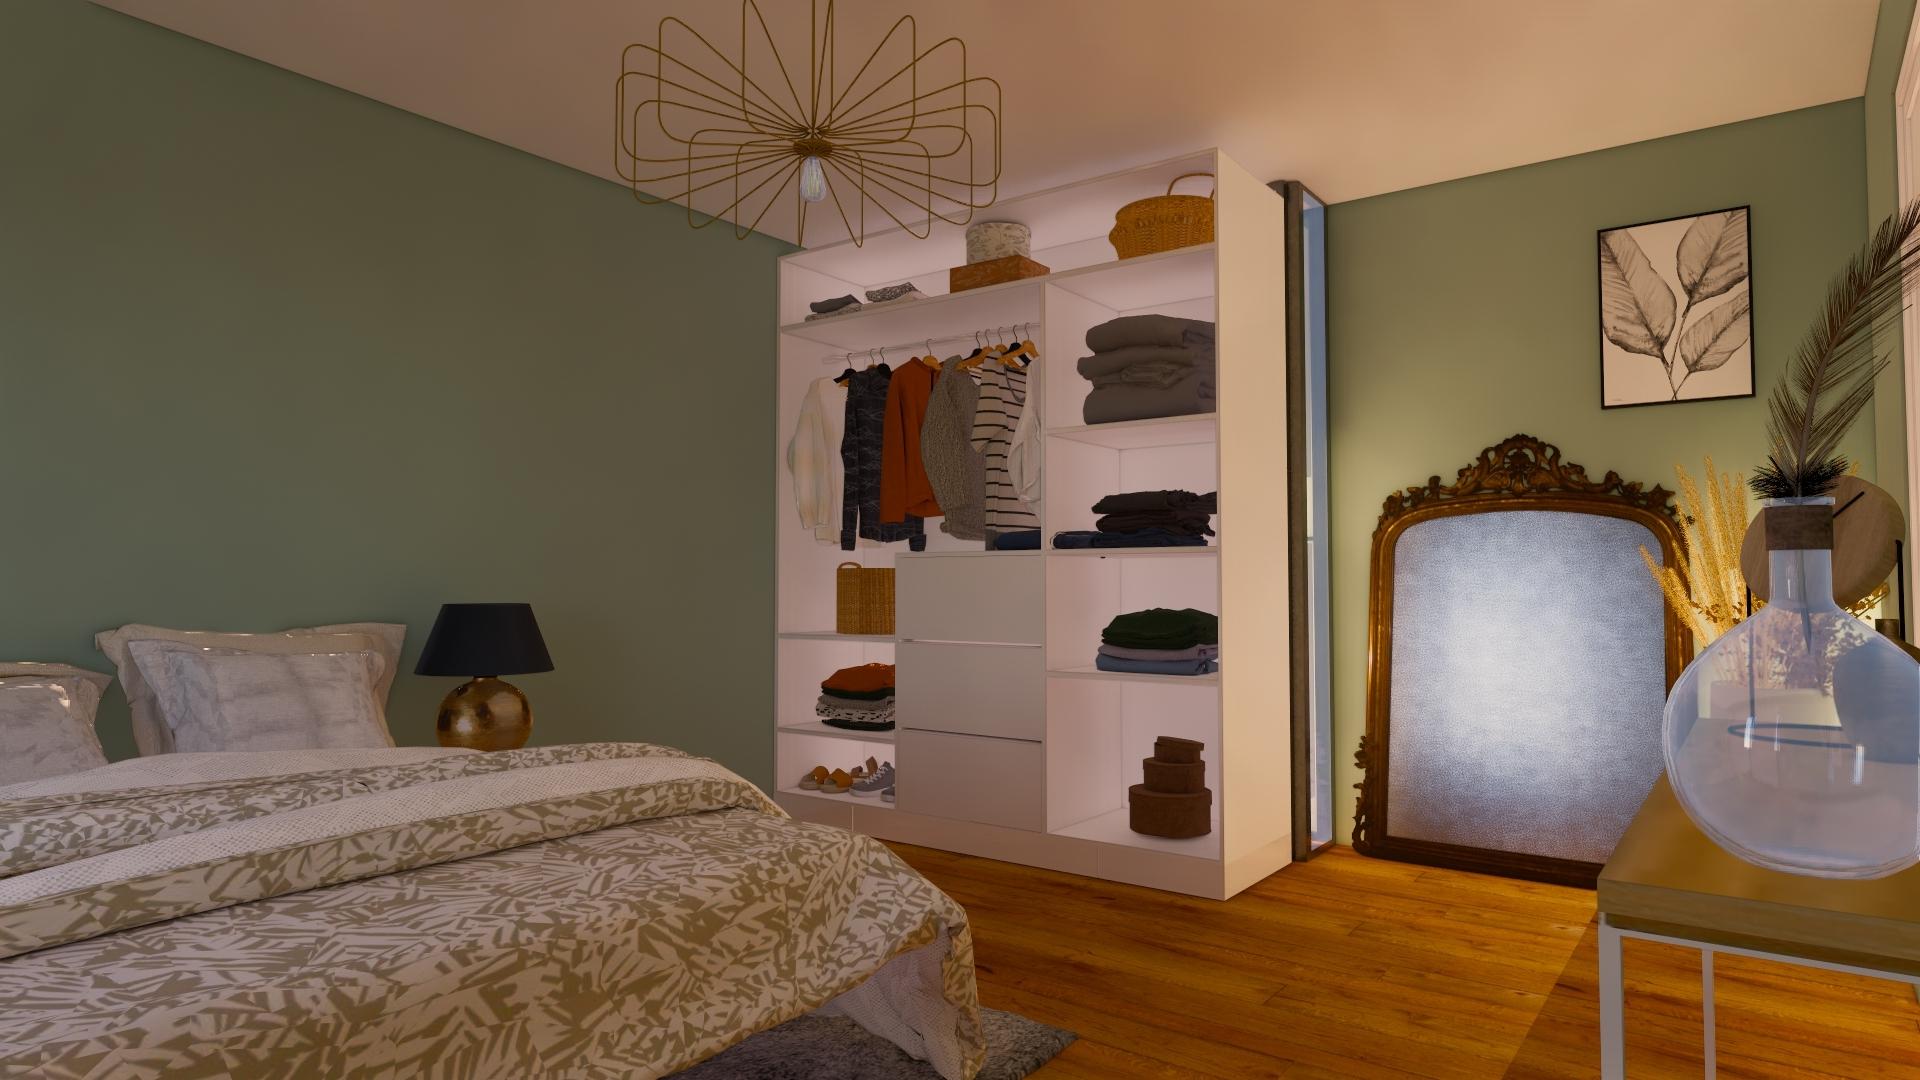 cloison-portefeuille-lit-superposé-produit-designer-interieur-frederic-tabary